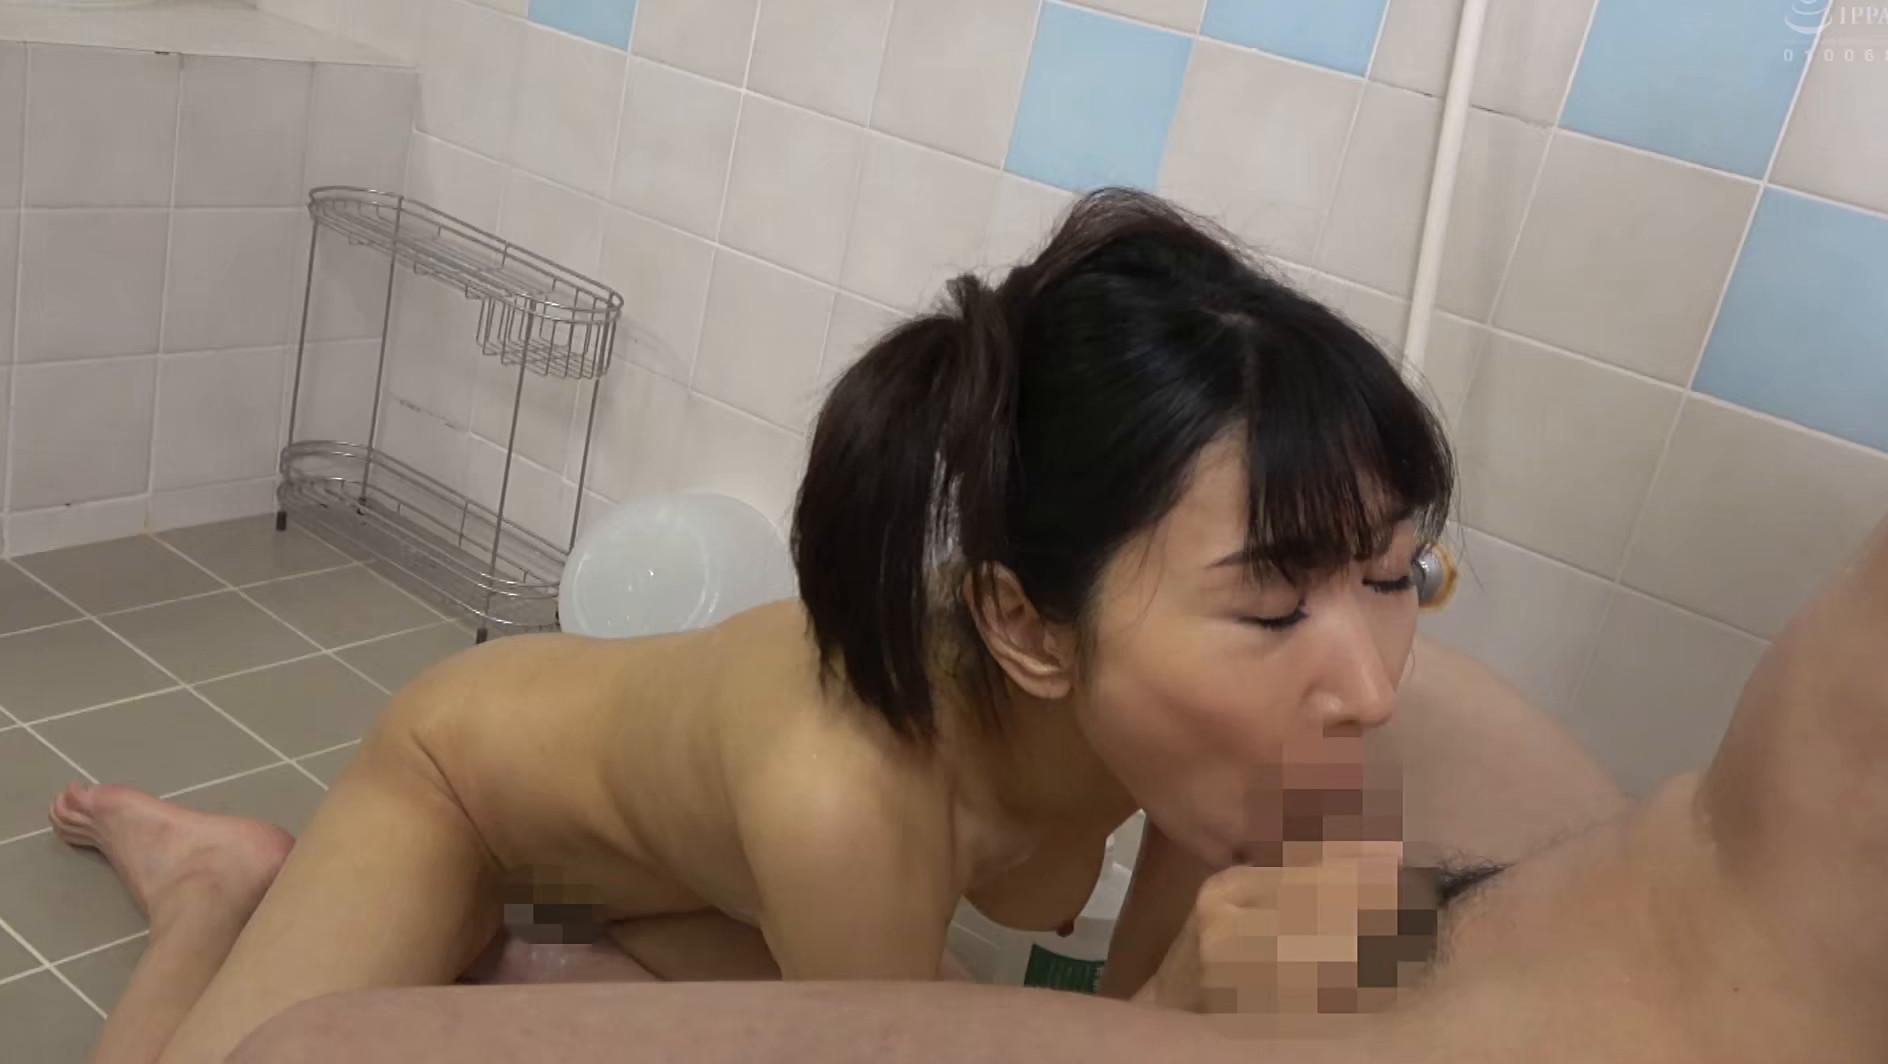 子供部屋おじさん(35歳無職の息子)を性処理する義母 森田紅音 画像11